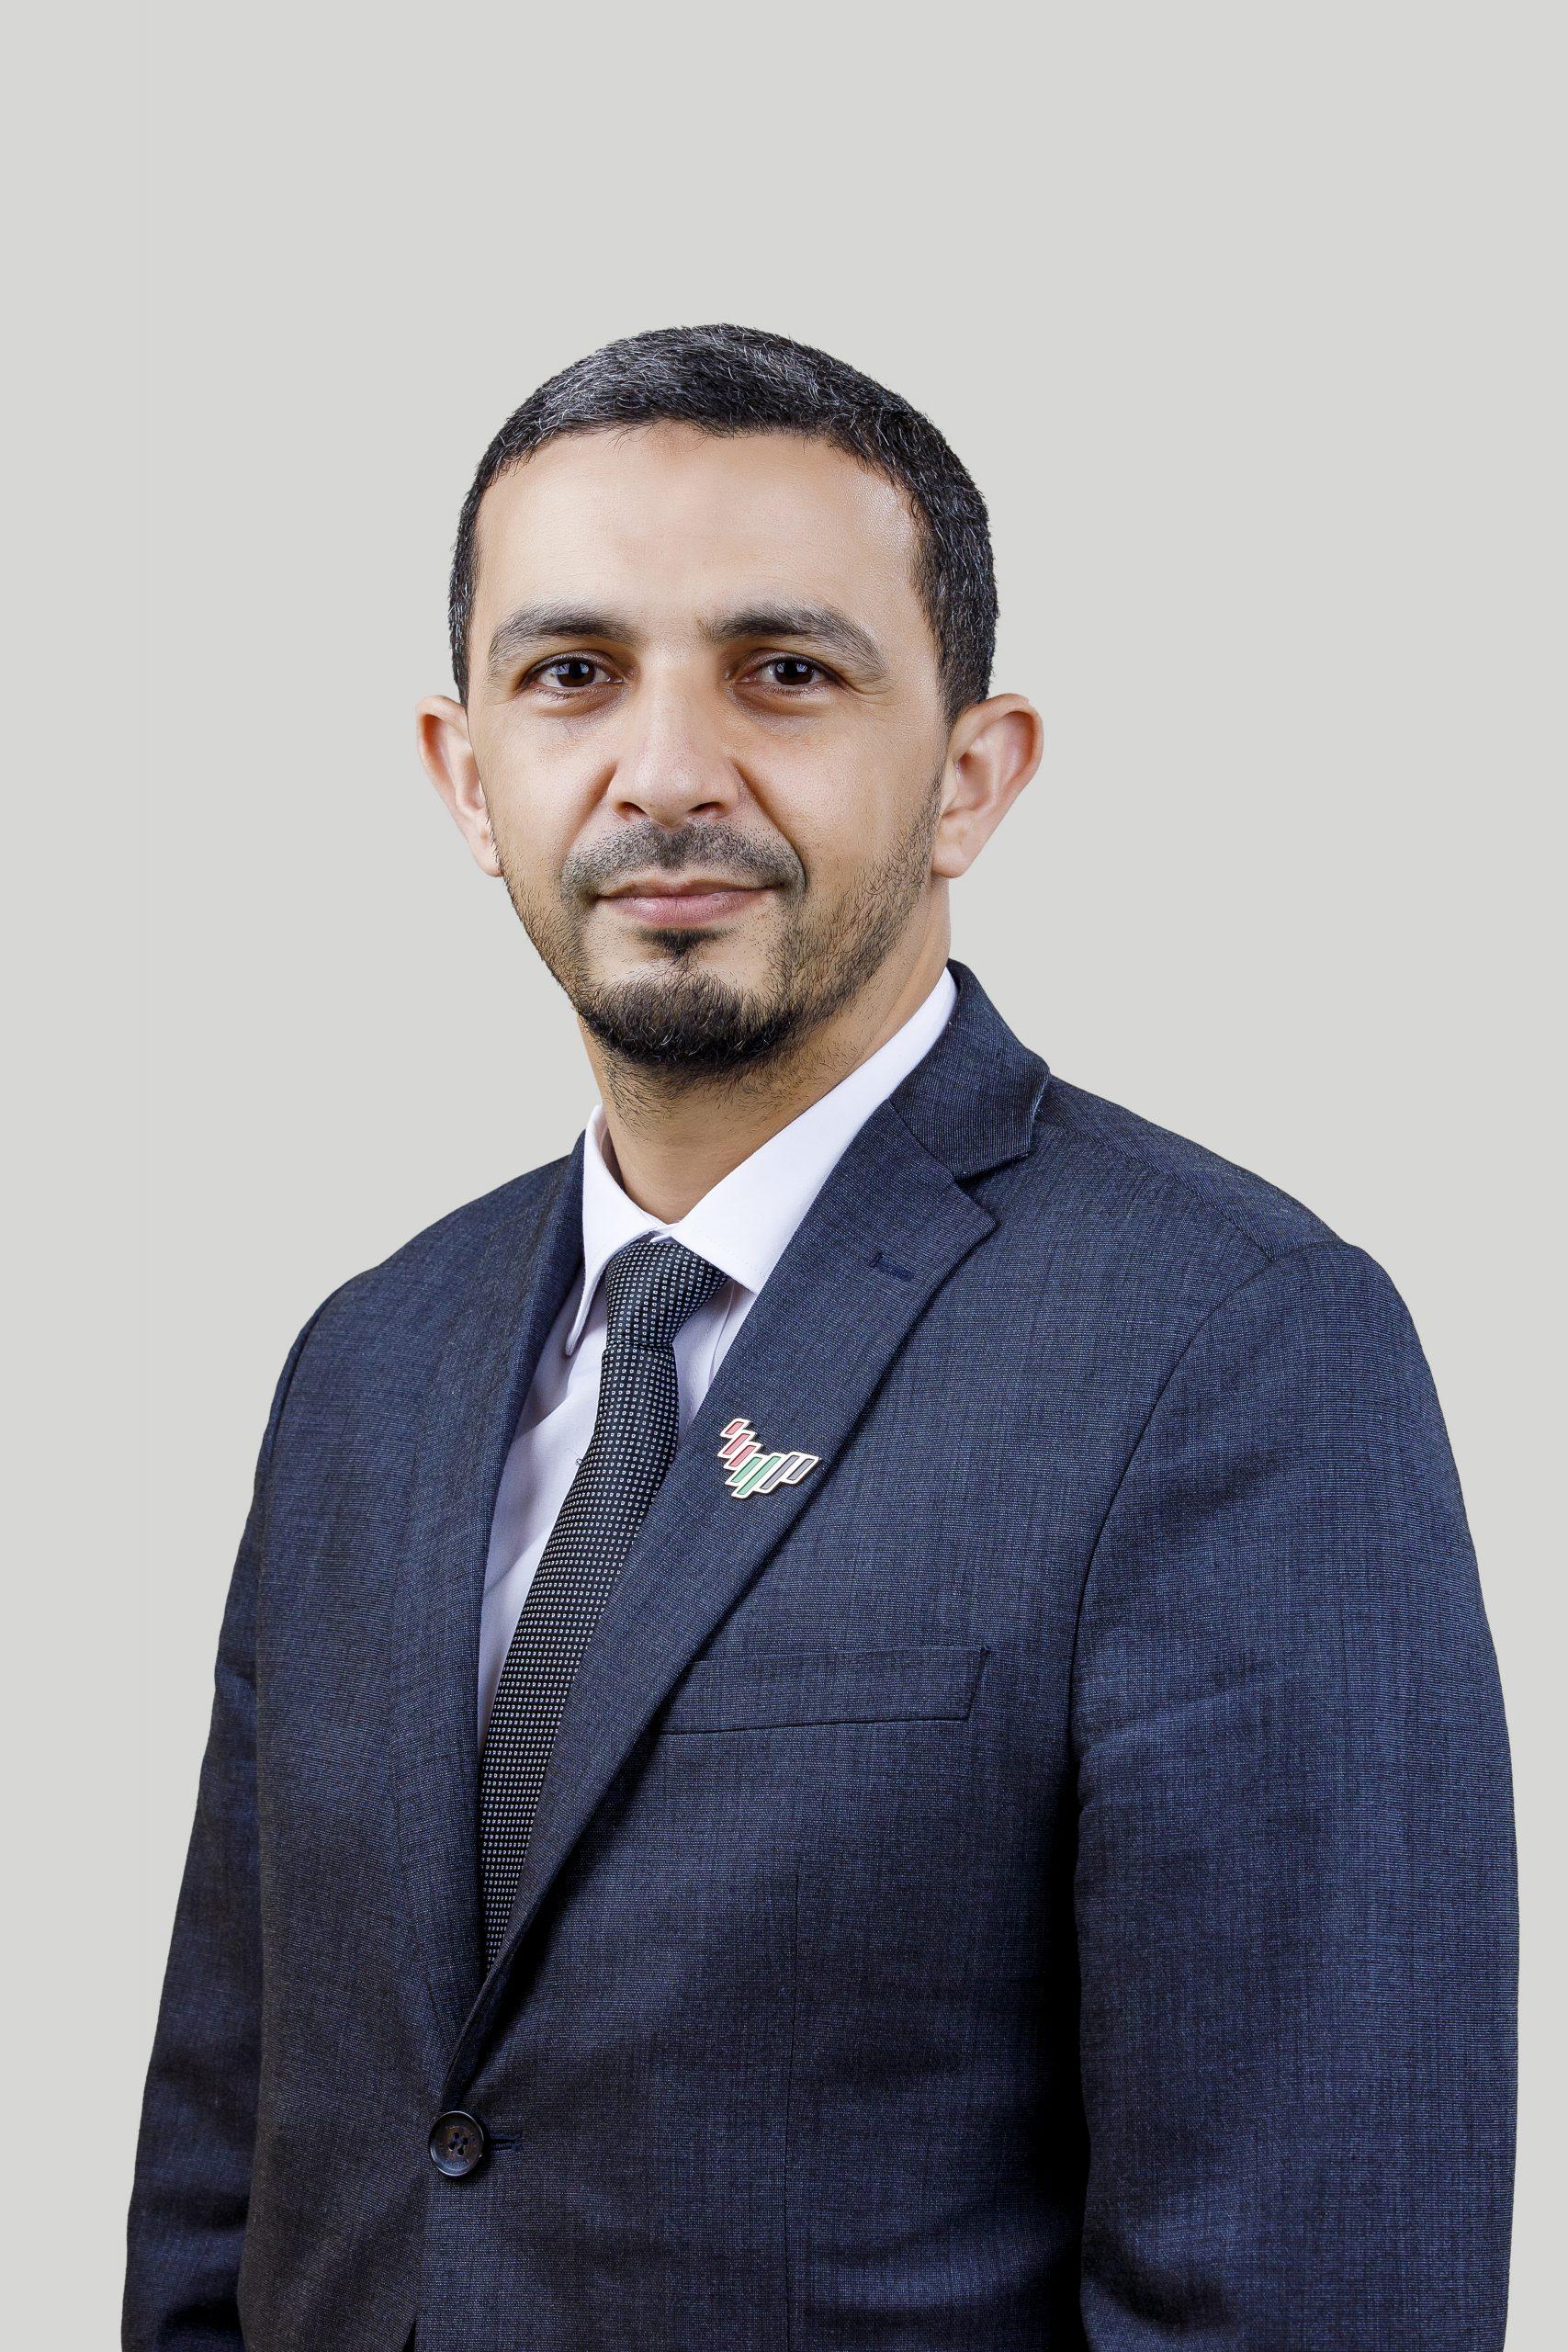 Dr. Noureddin Choubed